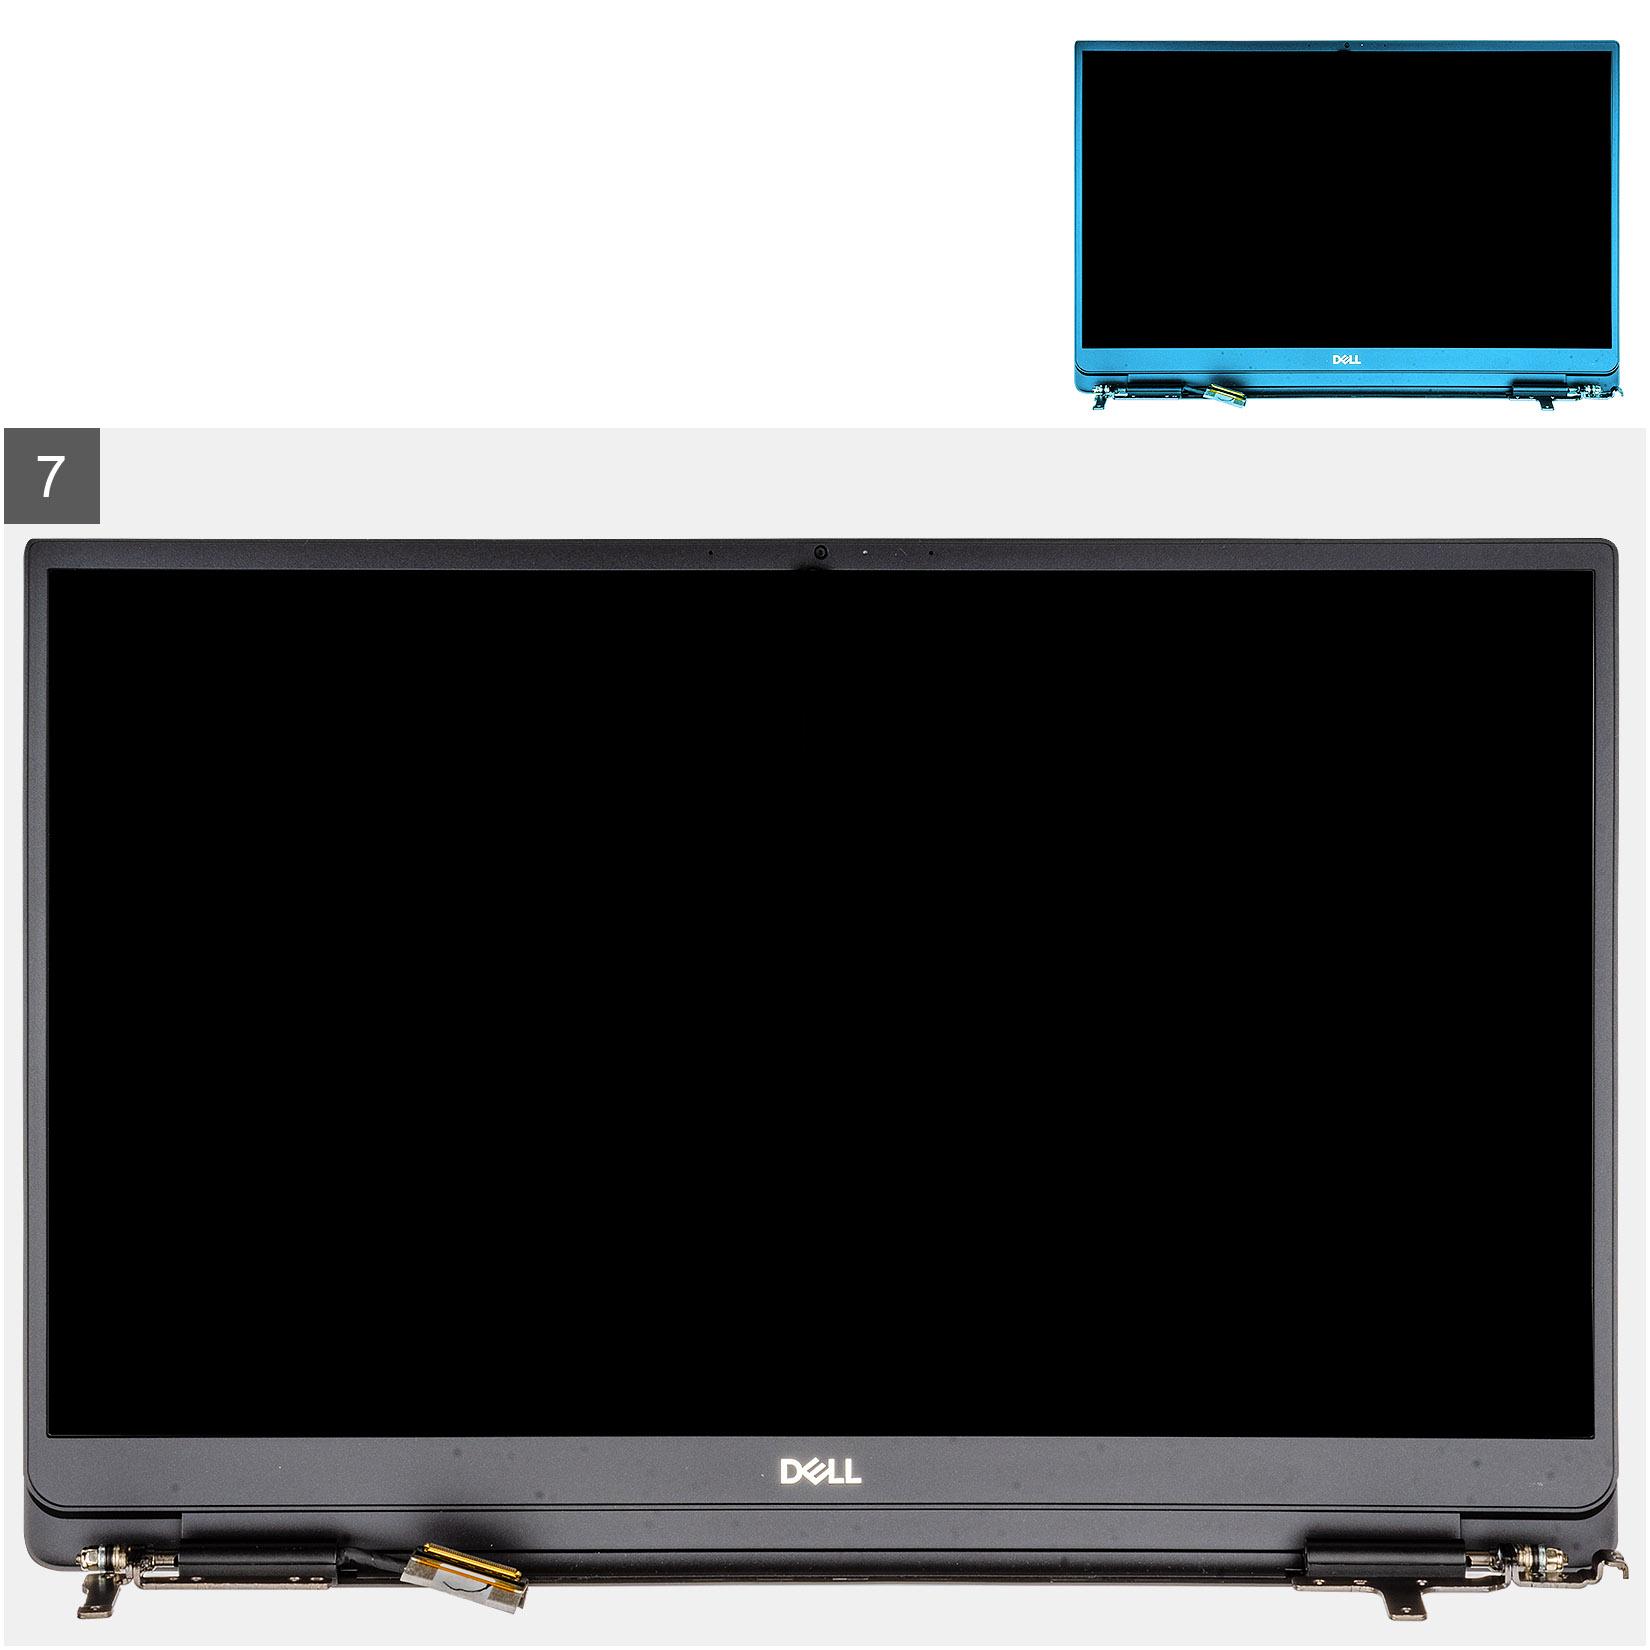 Nguyên cụm màn hình dell vostro 5590